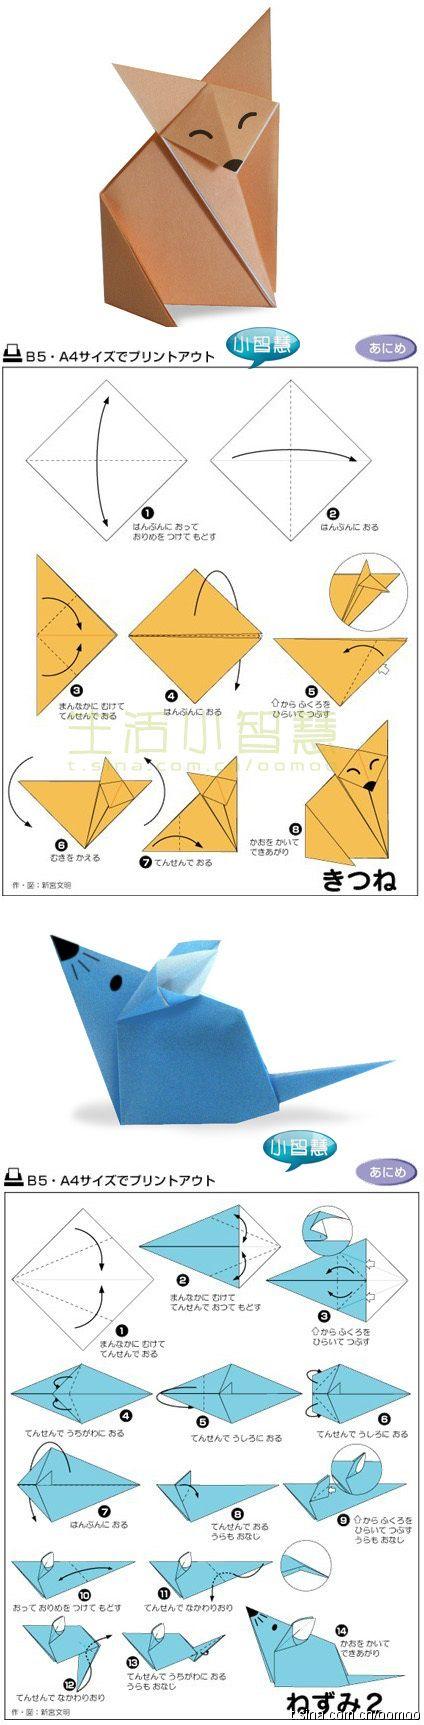 【DIY折纸】可爱的小狐狸和小老鼠折纸